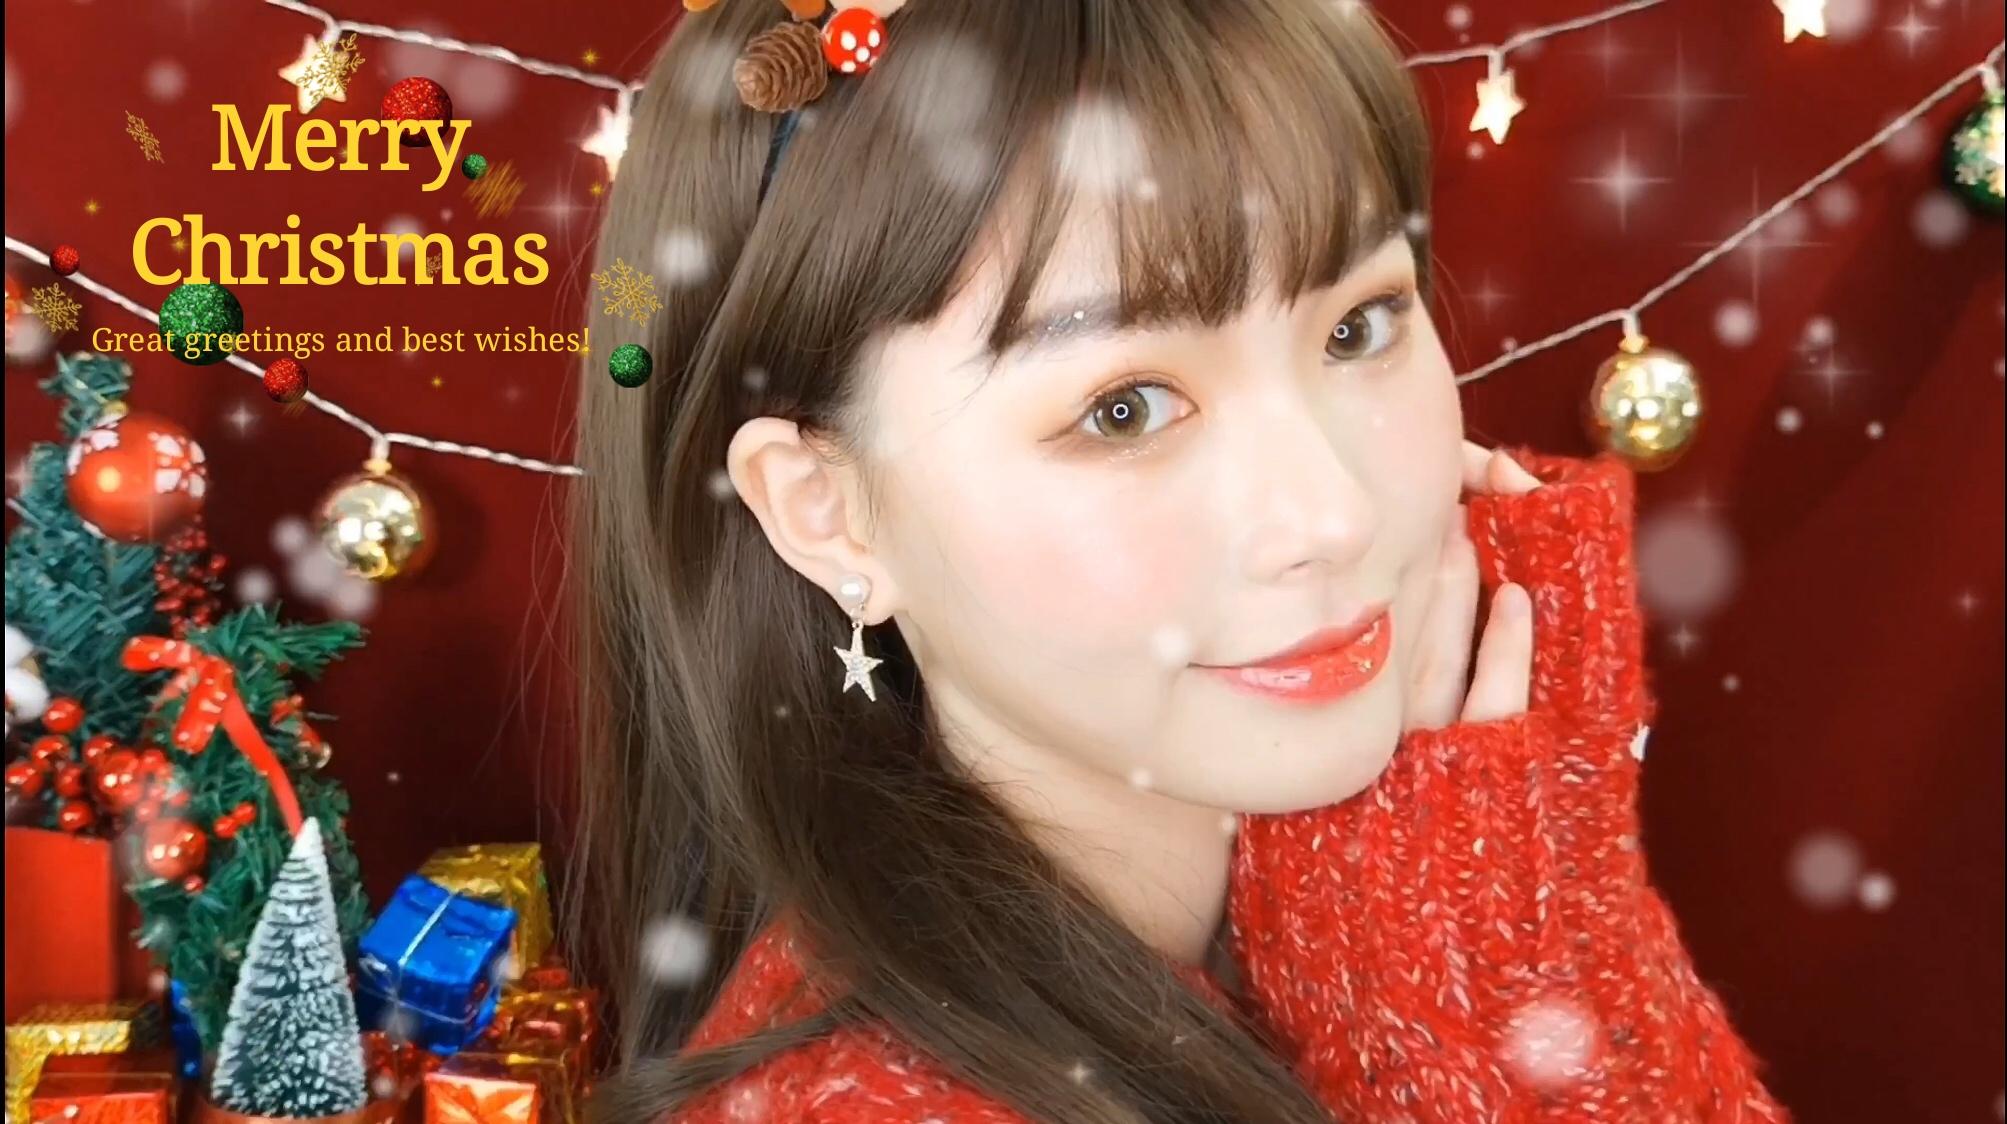 圣诞快乐|新人来报道,甜甜的圣诞妆